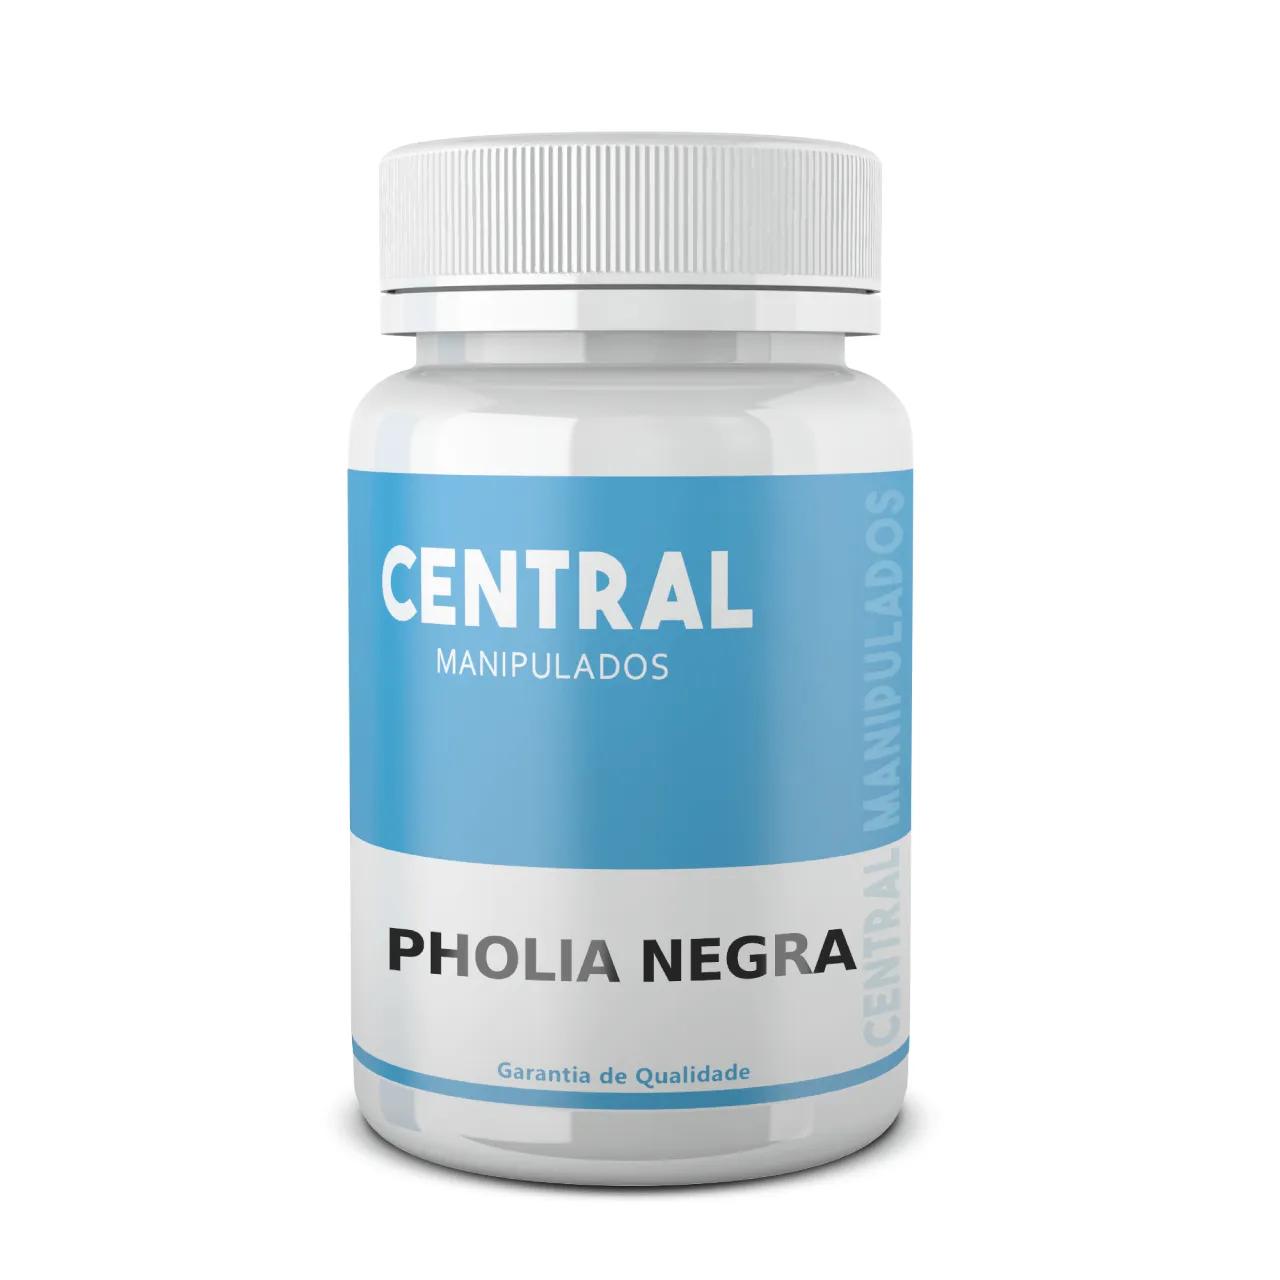 Pholia Negra 500mg 90 Doses = 180 Cápsulas - Perda de Peso, Melhora o Colesterol, Promove Saciedade